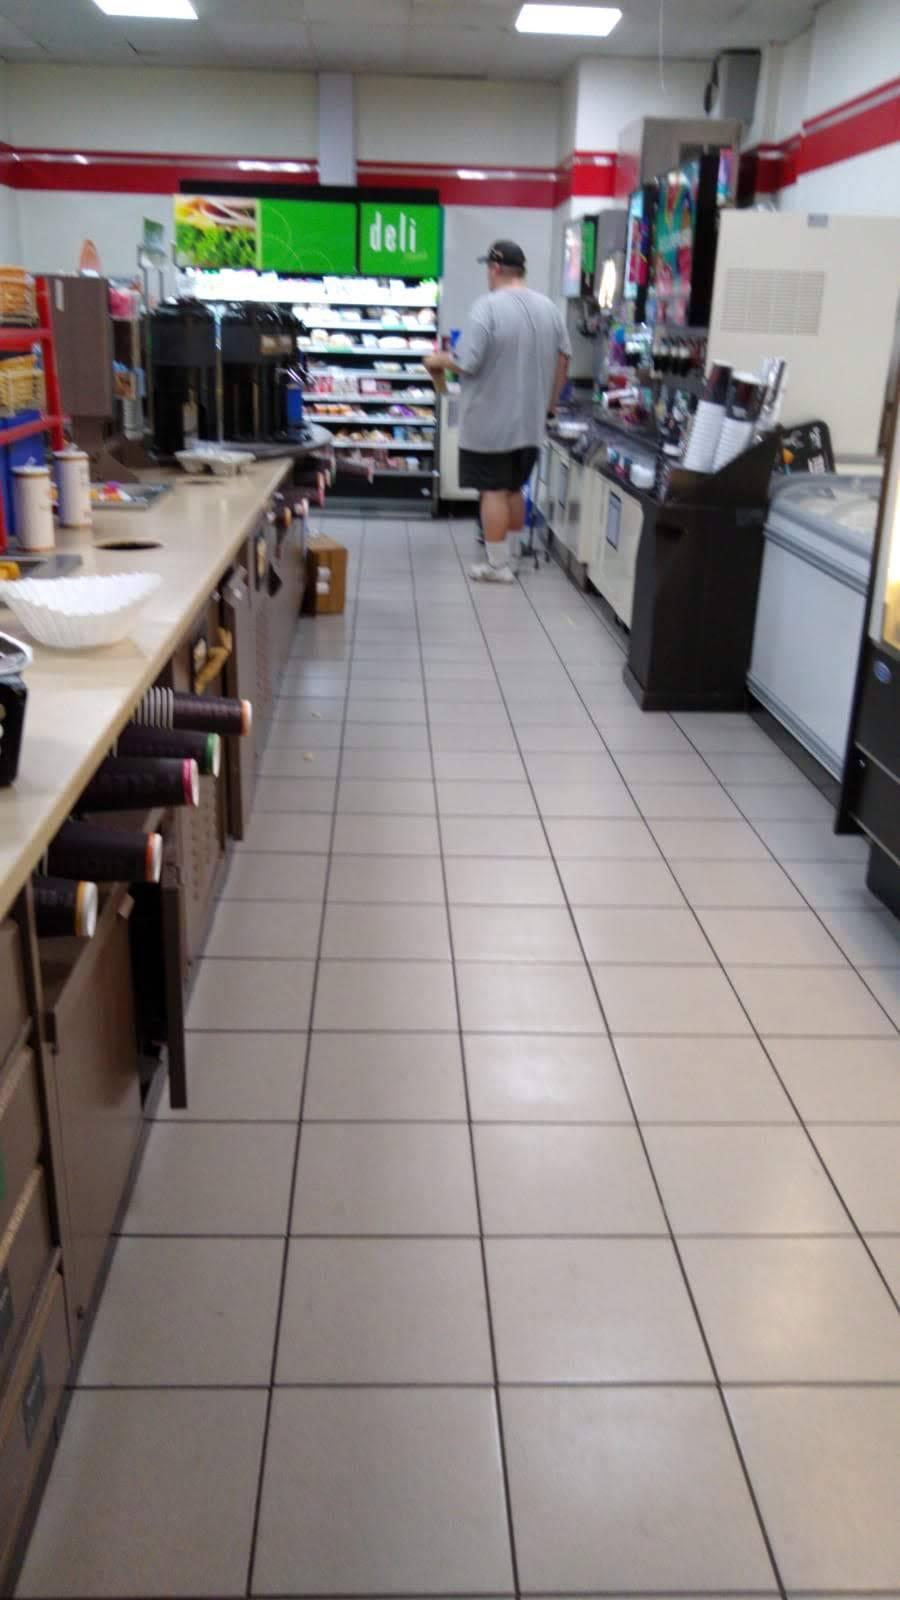 7-Eleven   bakery   901 E Jericho Turnpike, Huntington Station, NY 11746, USA   6314237117 OR +1 631-423-7117